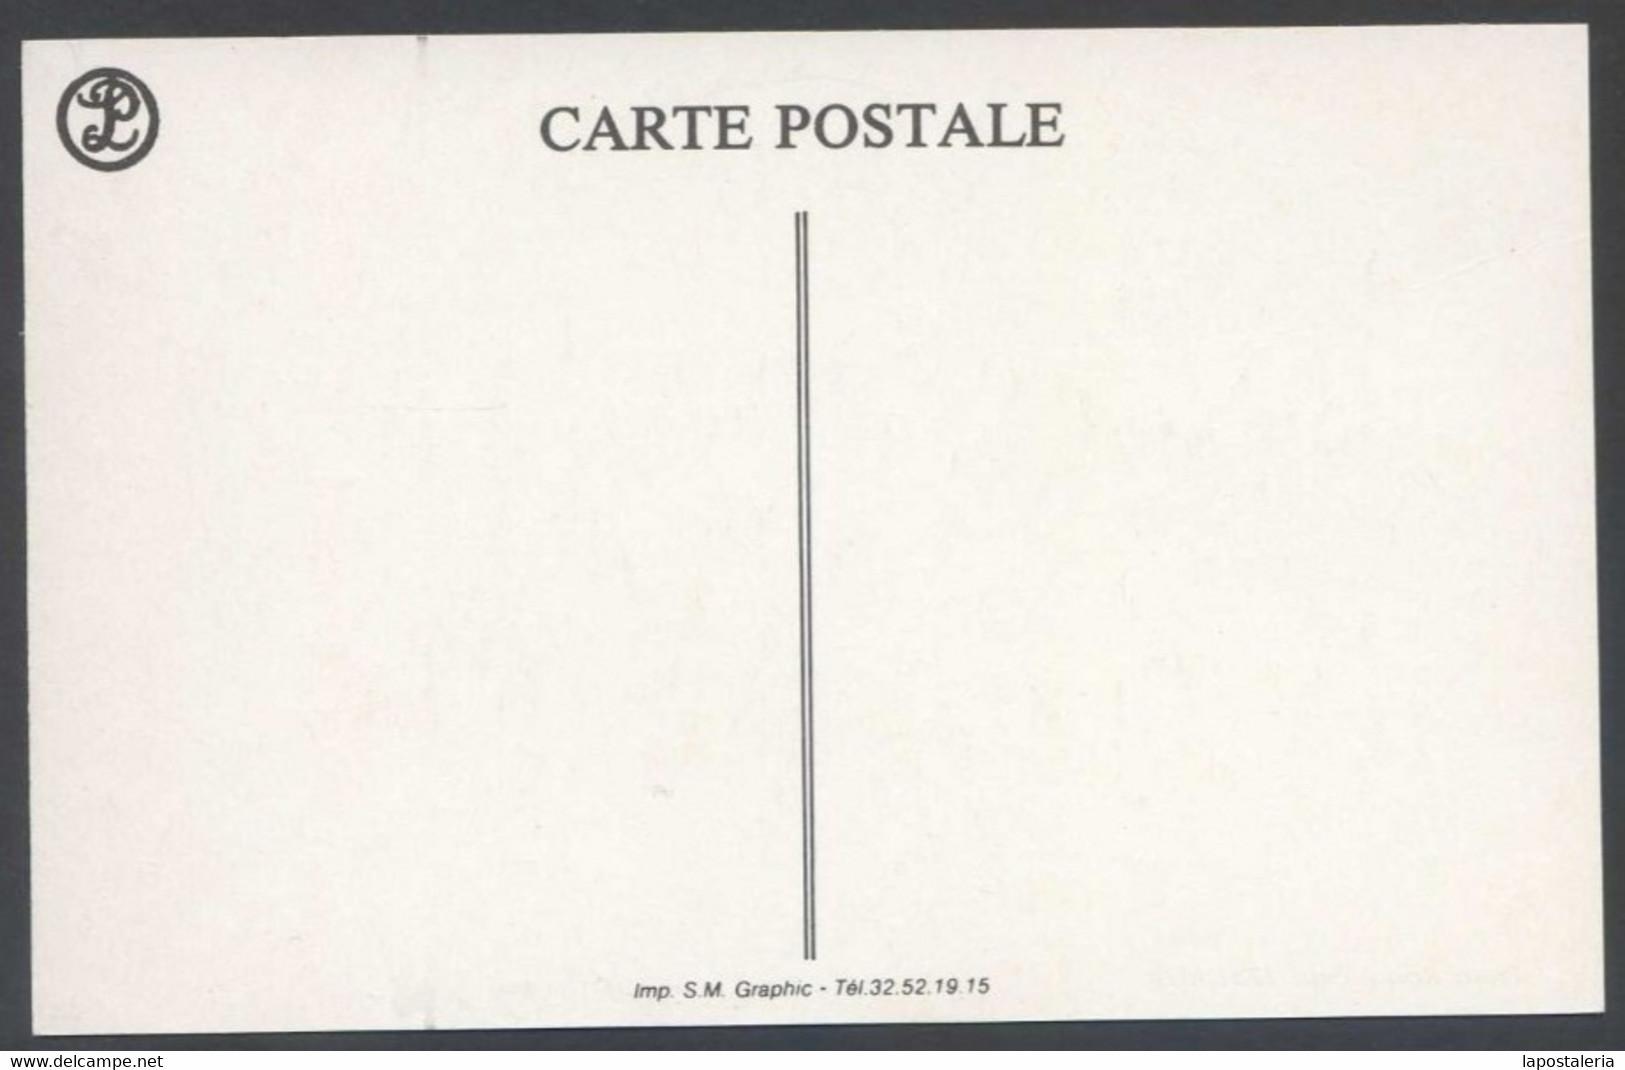 Francia. Tourny. *Cartes Postales Lebrun* Nueva. - Bolsas Y Salón Para Coleccionistas